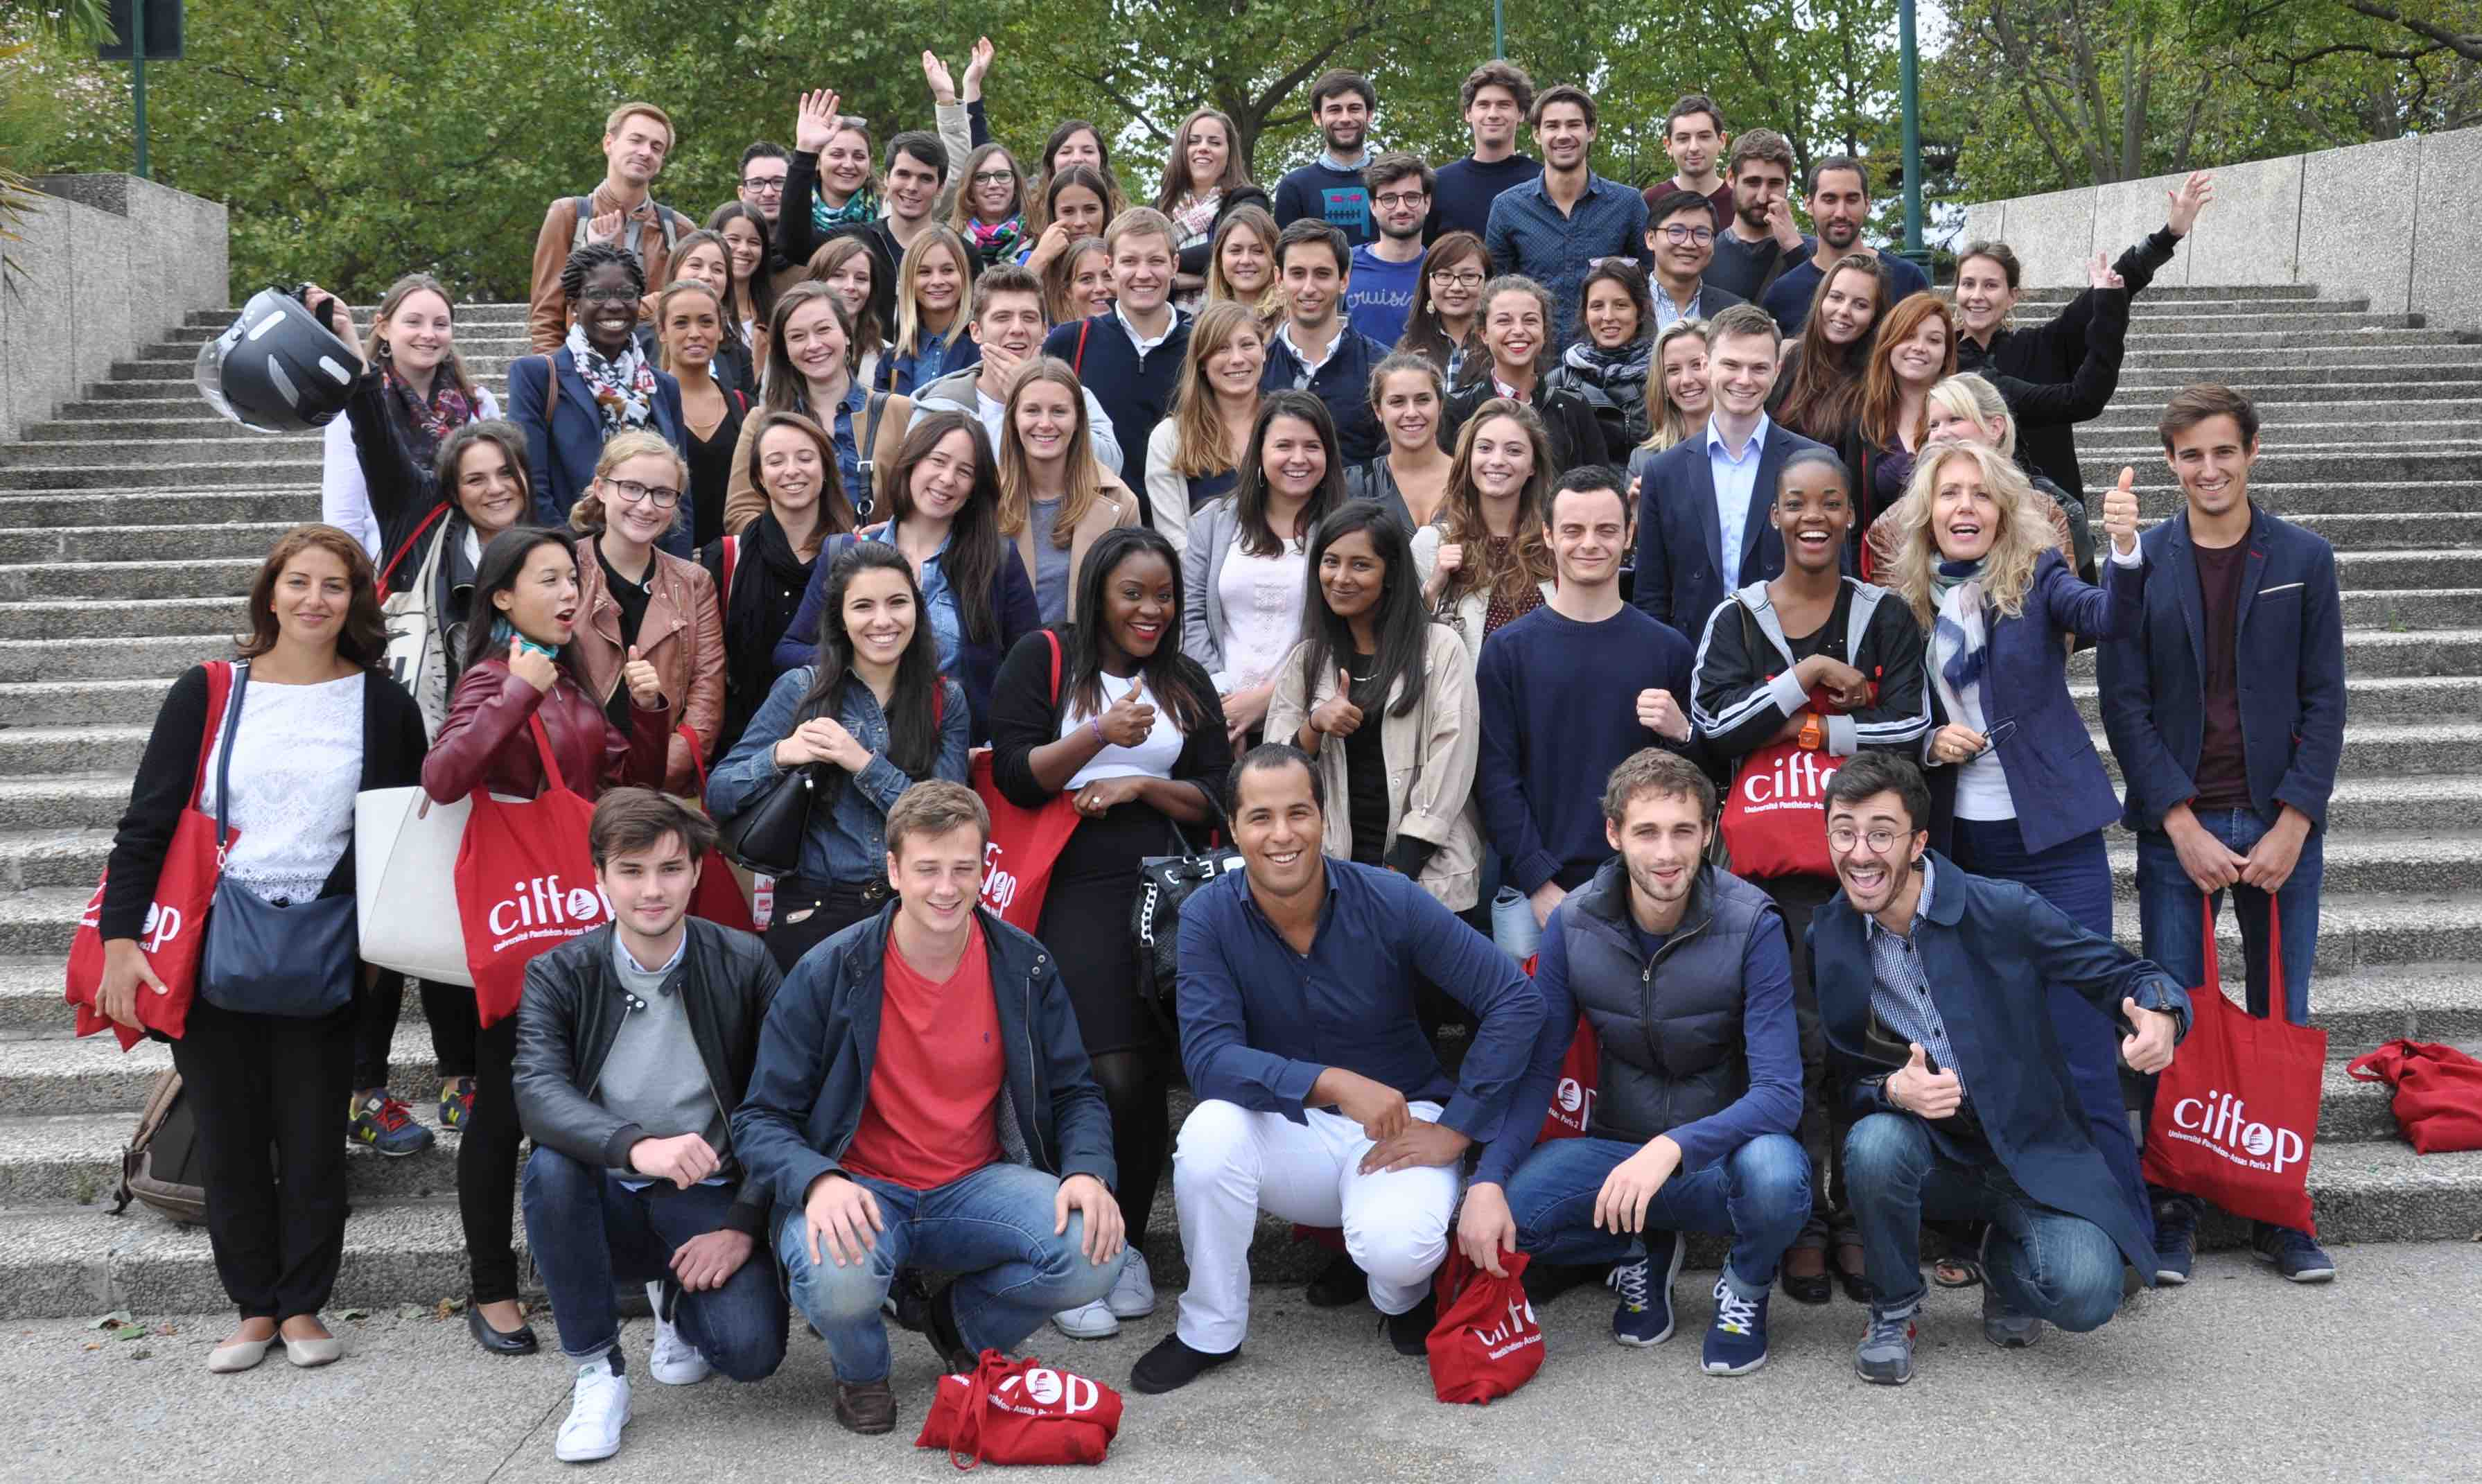 Les étudiants du CIFFOP